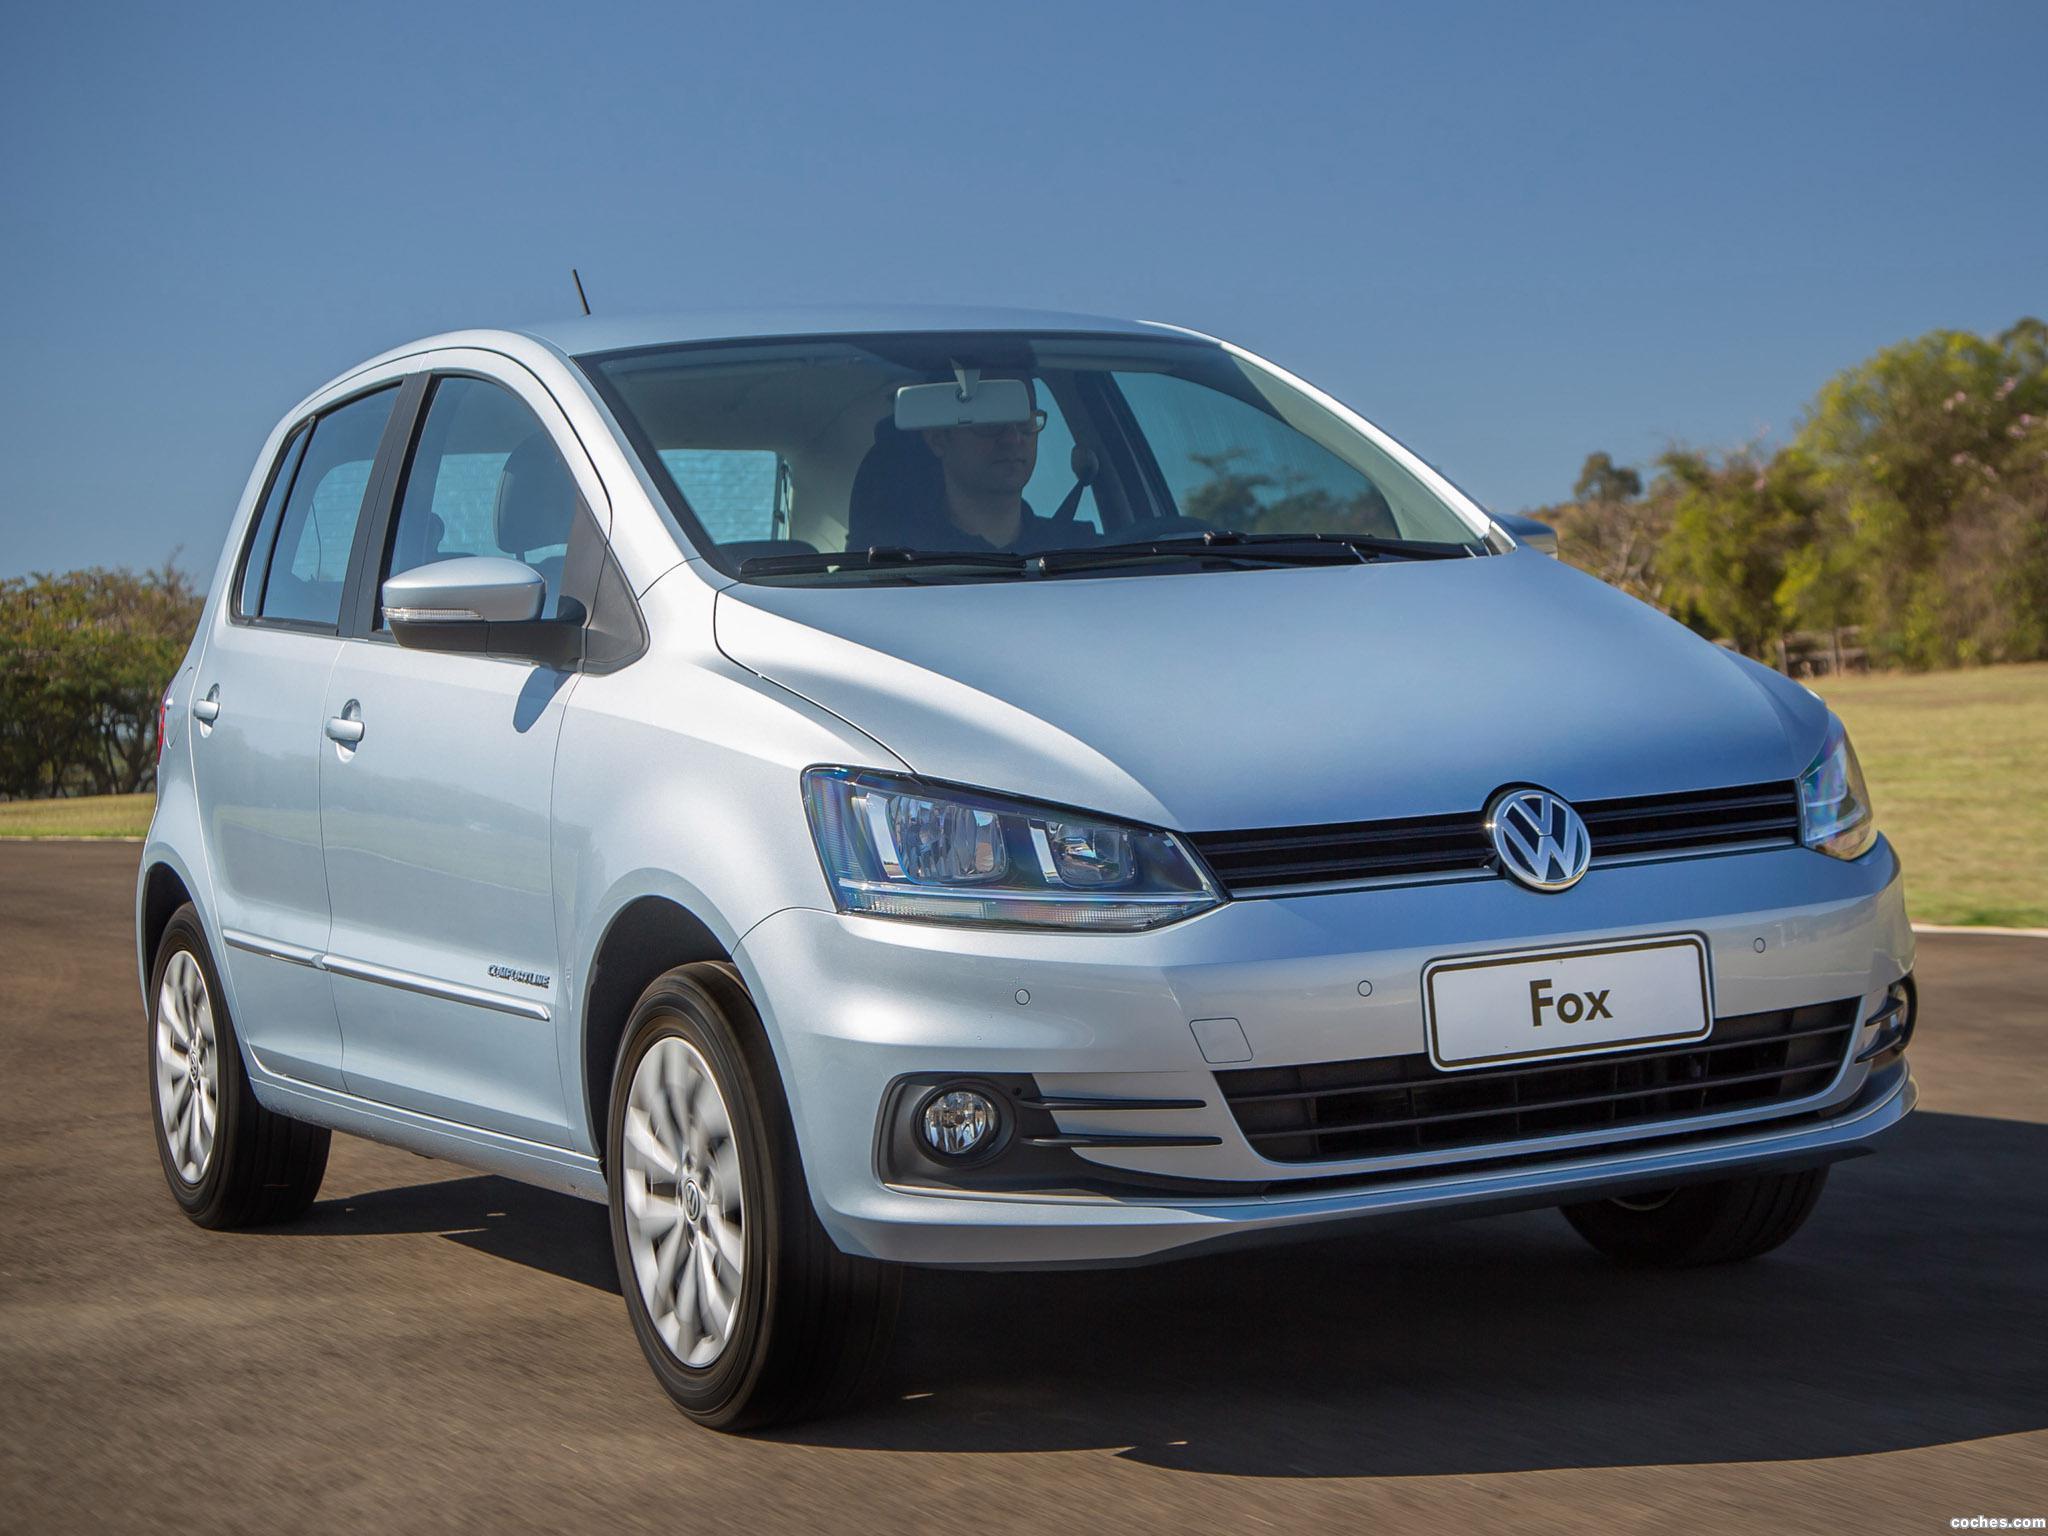 Foto 0 de Volkswagen Fox Comfortline 2014